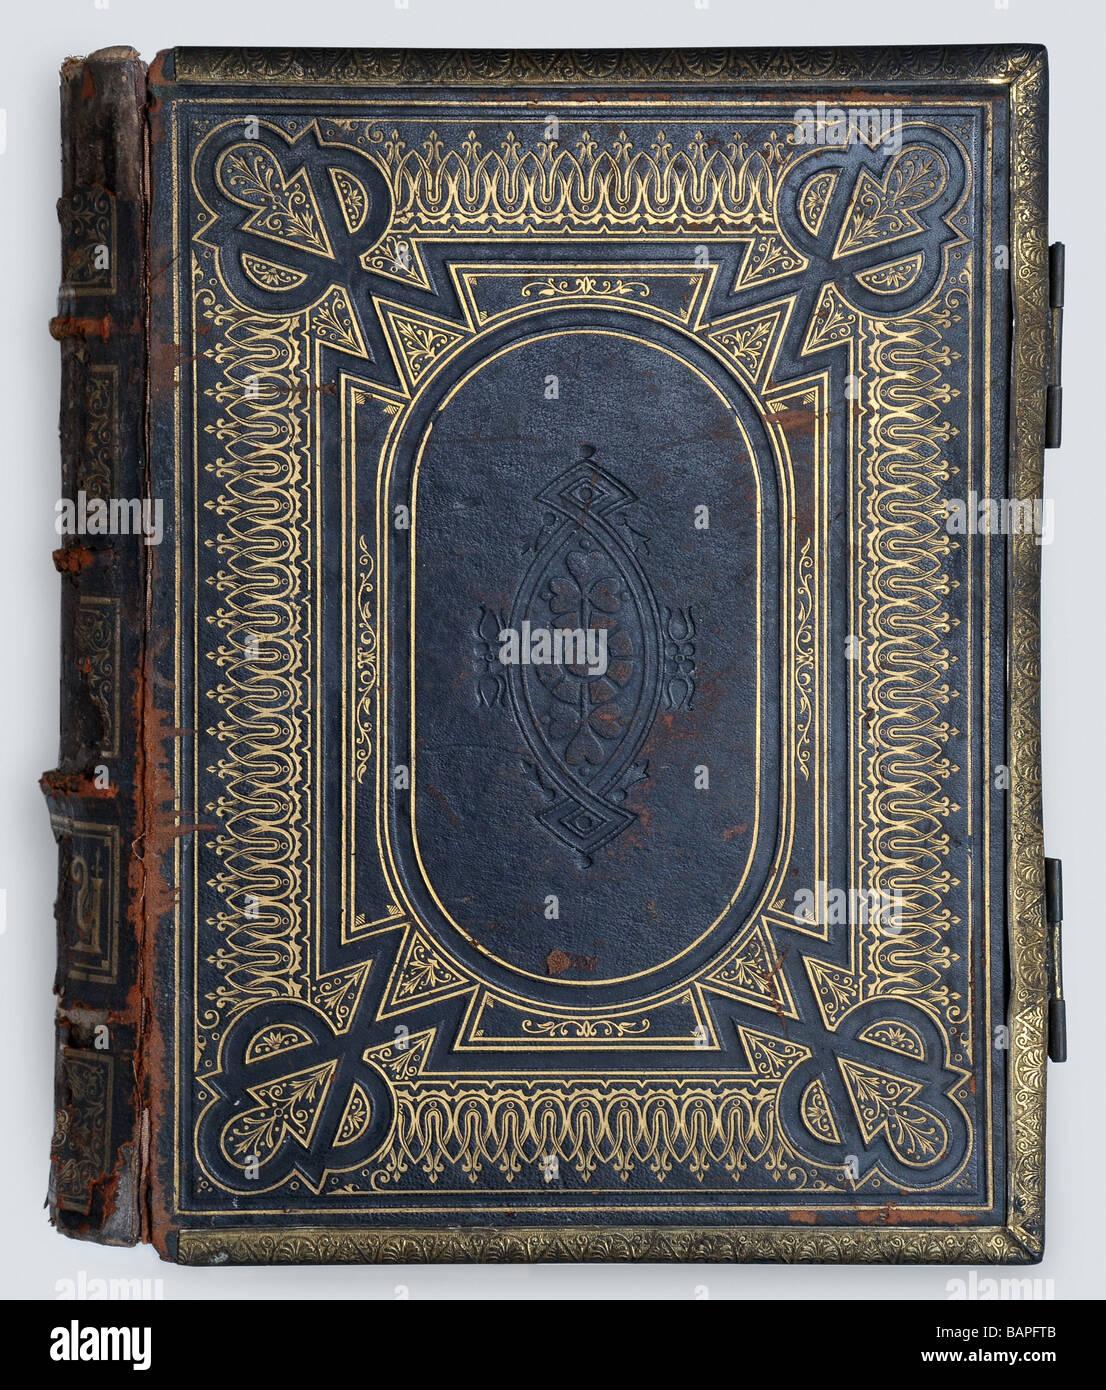 In vecchio stile per la copertina del libro Immagini Stock